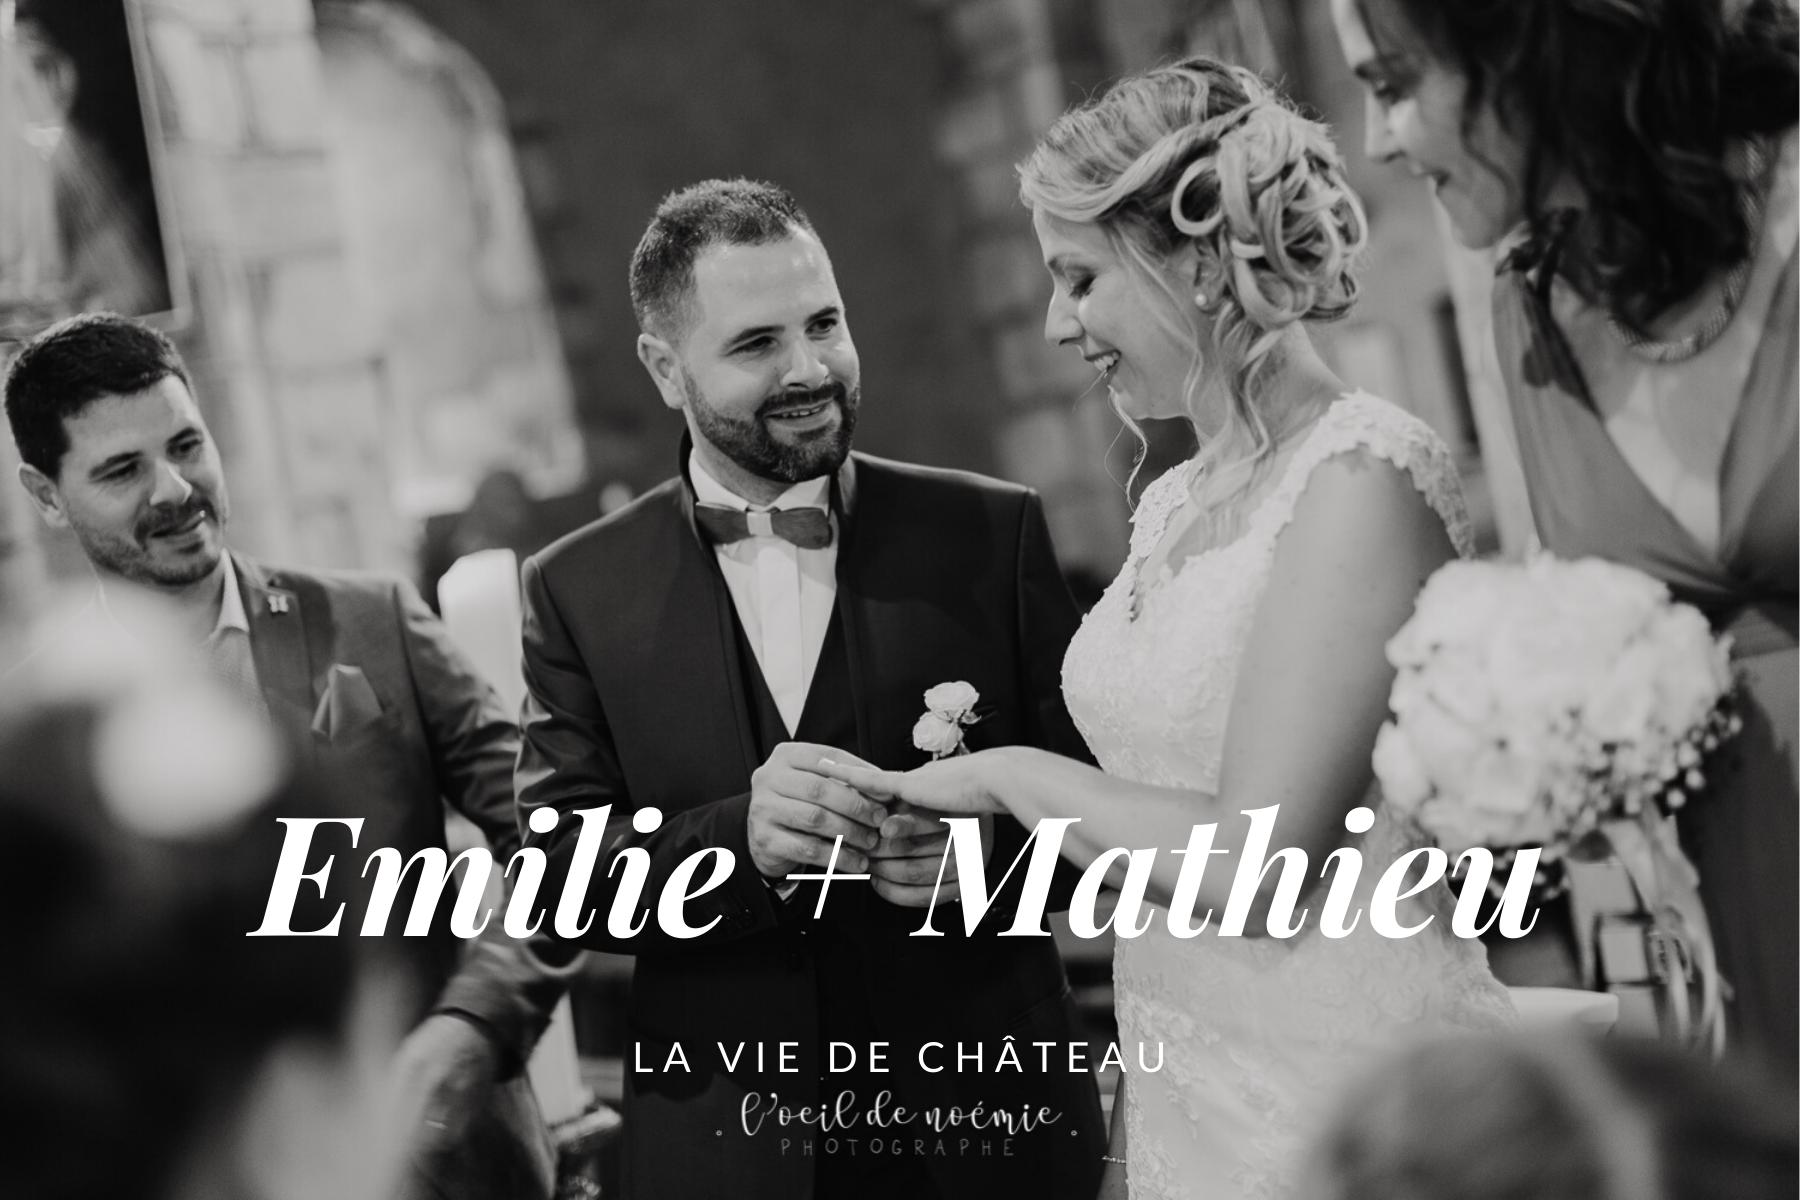 Organisation de mariage au Château de la Canière à Thuret - Hera Mariage Wedding Planner - Auvergne - Puy de Dôme - Clermont-Ferrand - Allier - Haute-Loire - Cantal